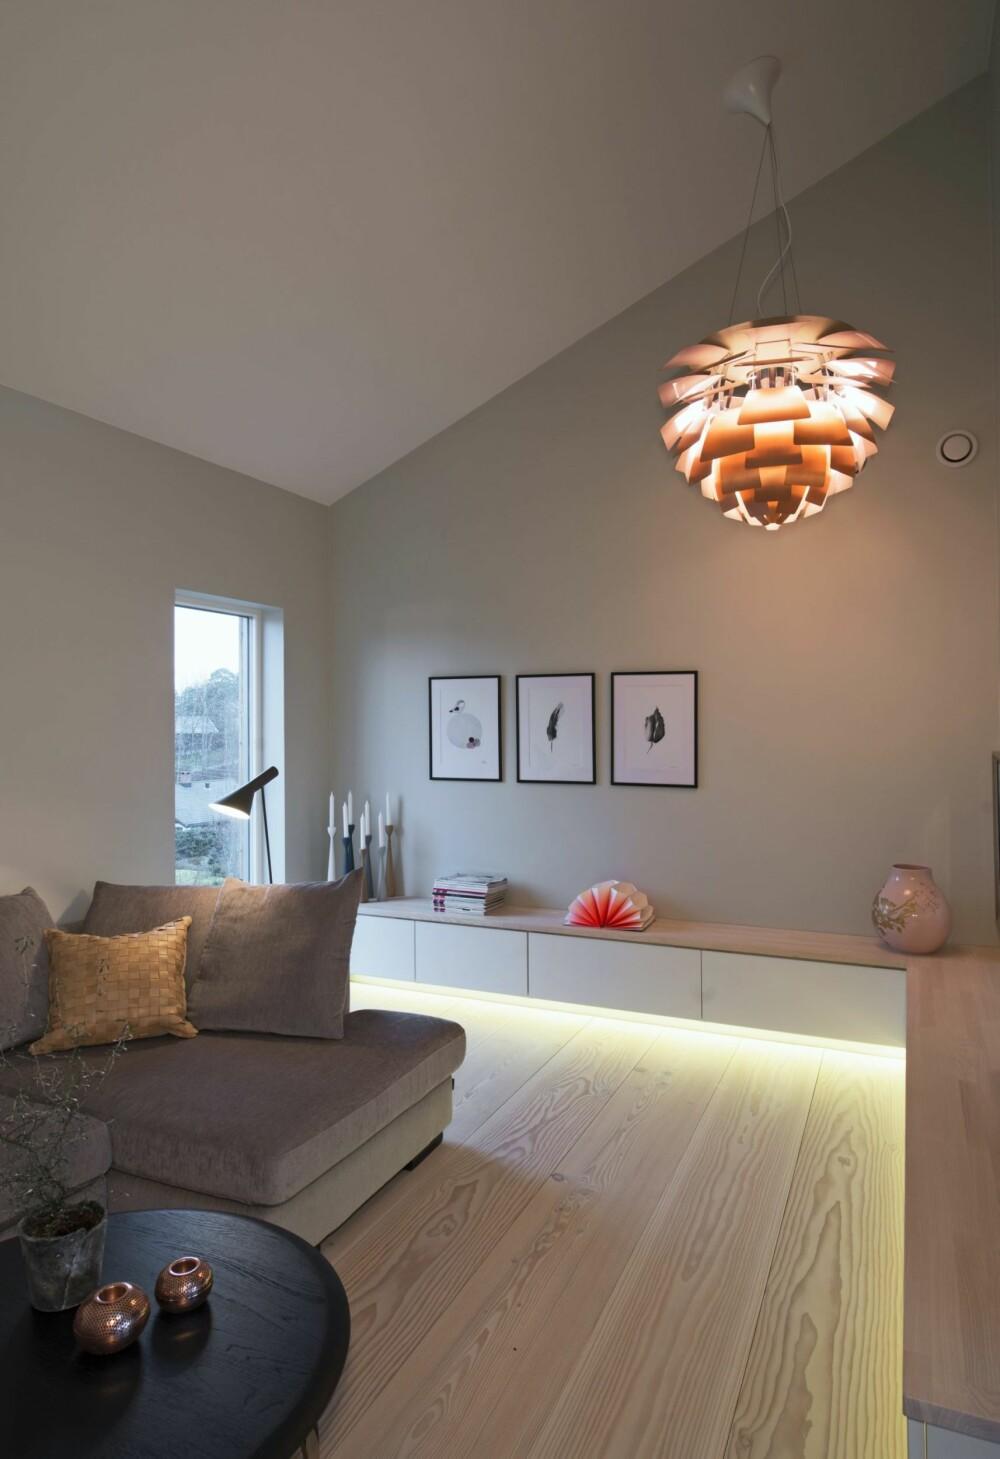 KLASSISK MIDTPUNKT: I TV-stuens hjørne er PH-konglen plassert under den høye himlingen, og kaster kobberfarget lys på veggene. Den er plassert slik at den også er et midtpunkt på fasaden sett utenfra. Skapstammene er overskap fra en kjøkkeninnredning, supplert med en benkeplate i douglasgran fra Dinesen. Innredningen følger hjørnet i rommet og forsterker rommets form. Under er det montert en LED-list som gjør at benken får et lett, svevende uttrykk. Ifølge beboerne er led-stripen nede helt ideell når de ser på tv fordi bildetfremstår tydelig. Led-stripen kan for øvrig kjøpes metervis. Den mørkegrå leselampen er AJ fra Louis Poulsen.